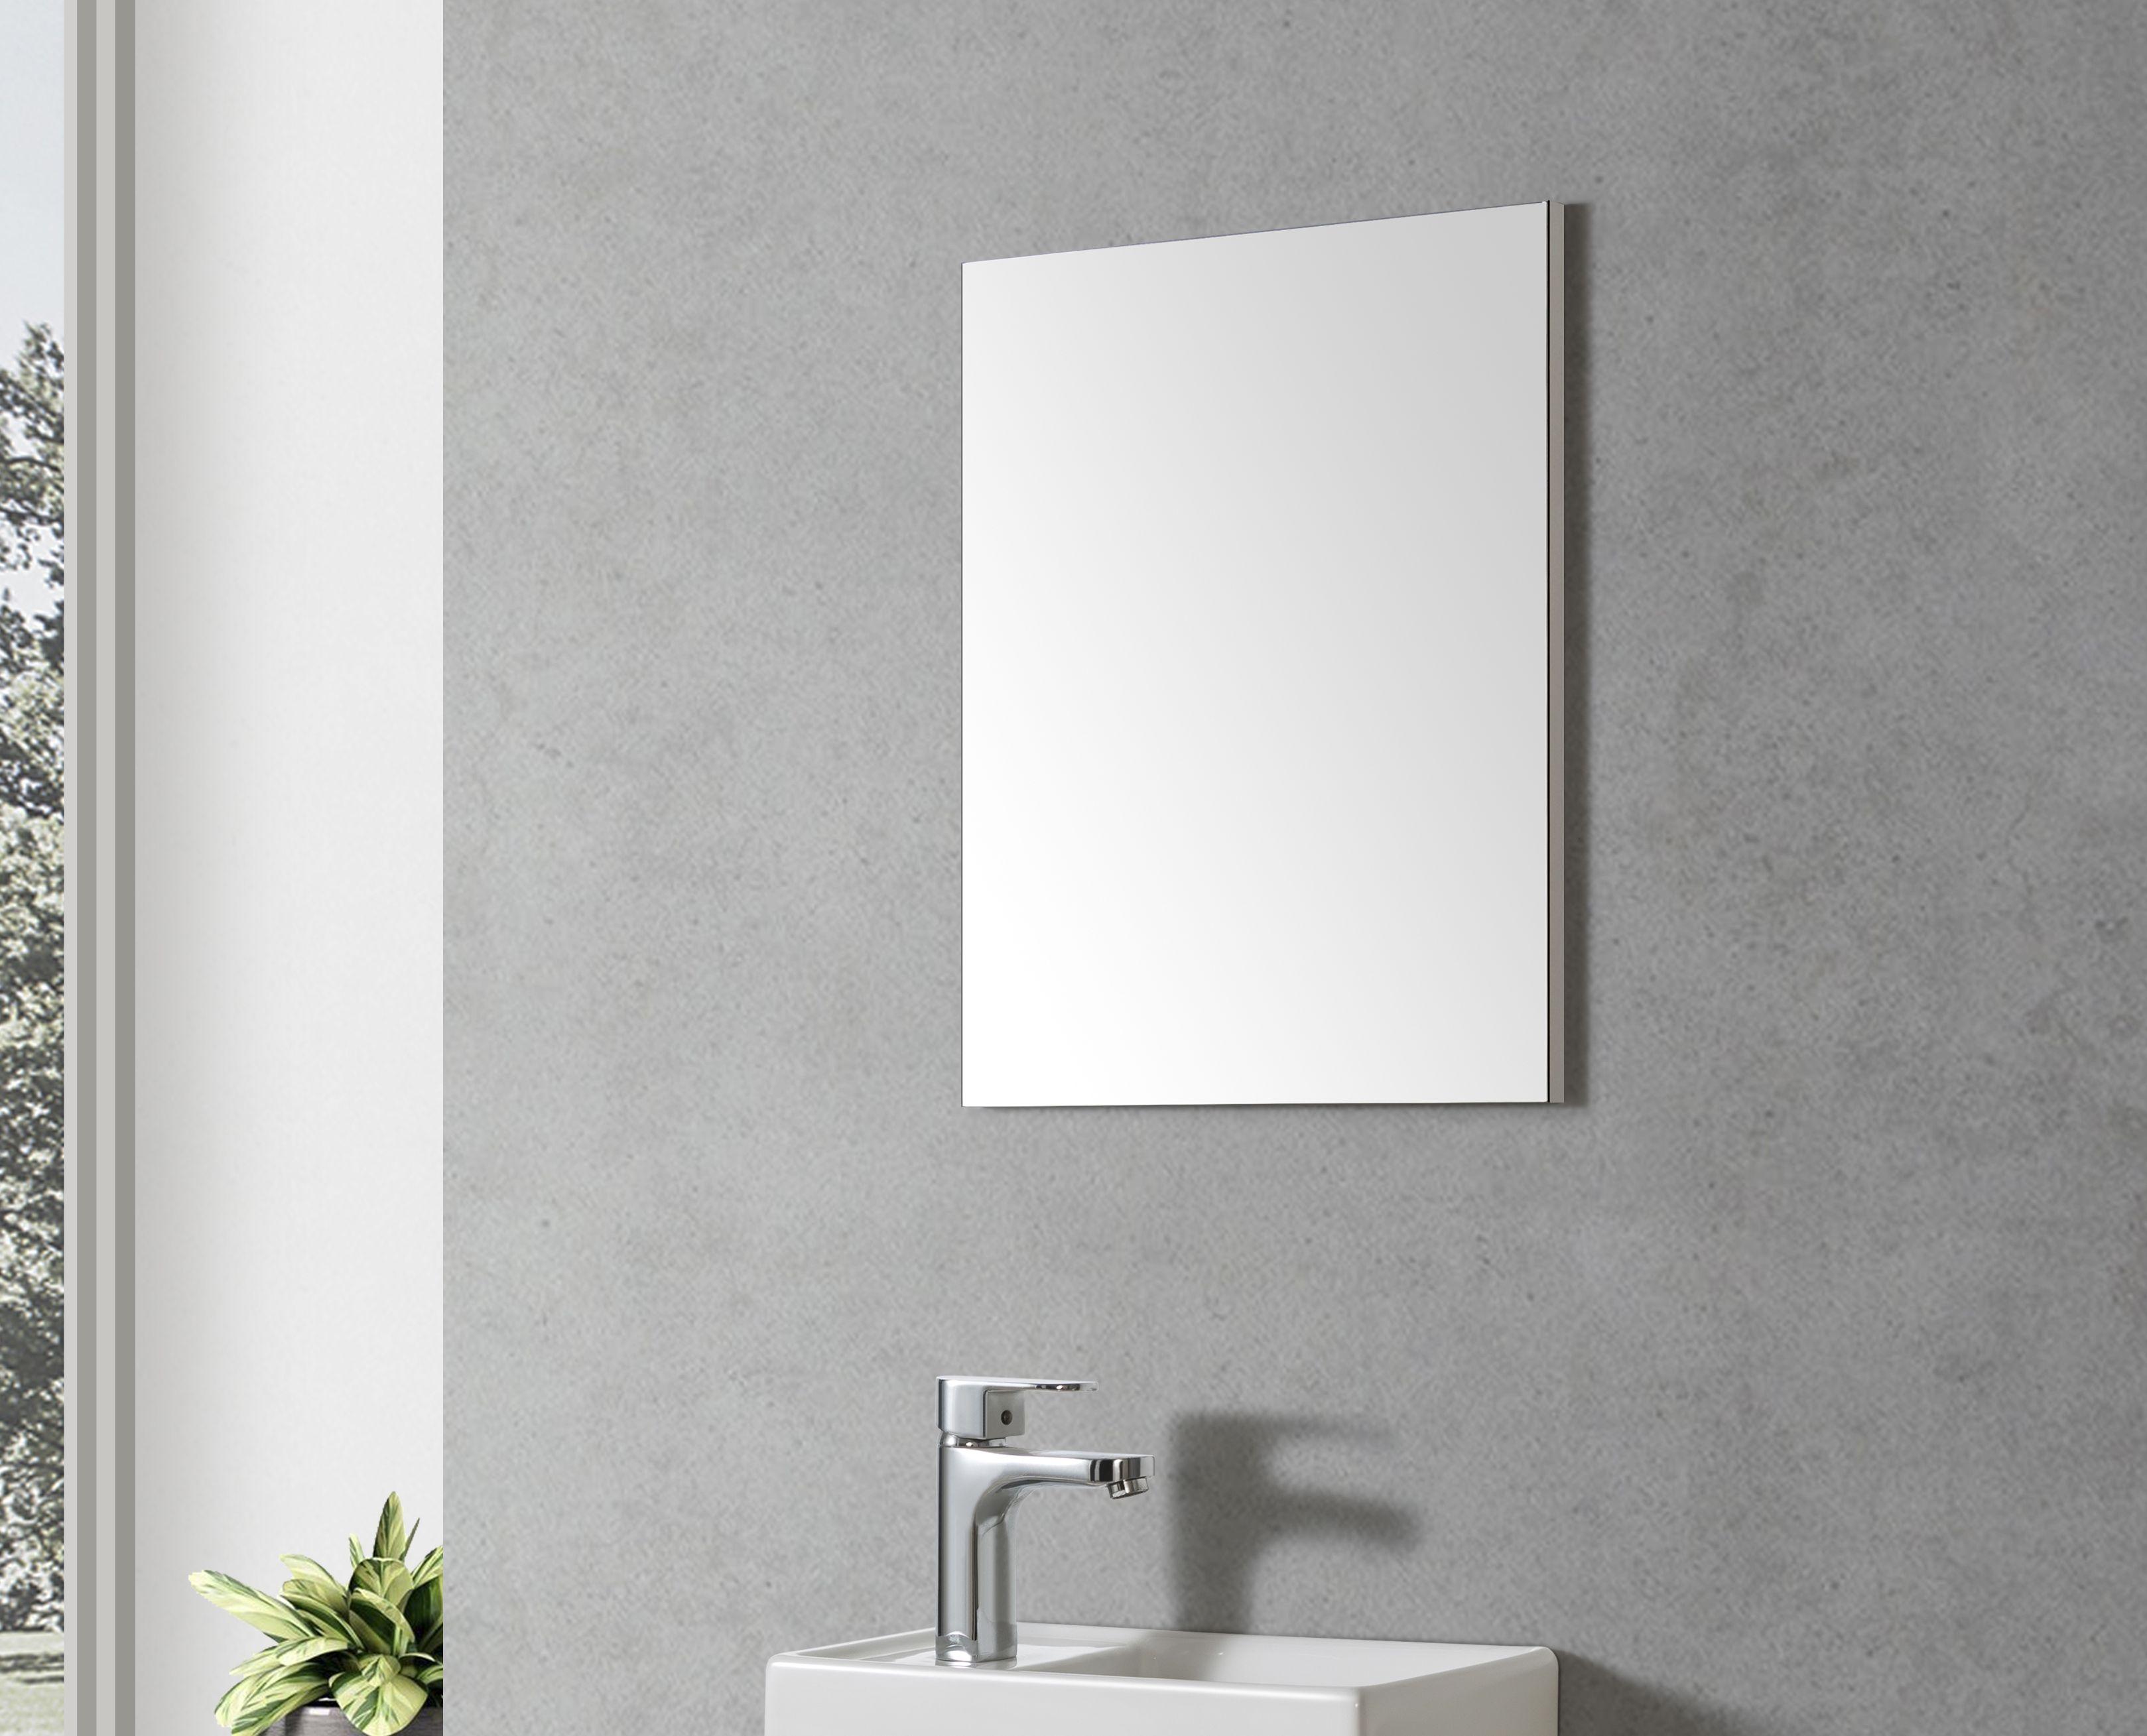 Badmöbel Spiegel TOURI 40 (weißer Rahmen)